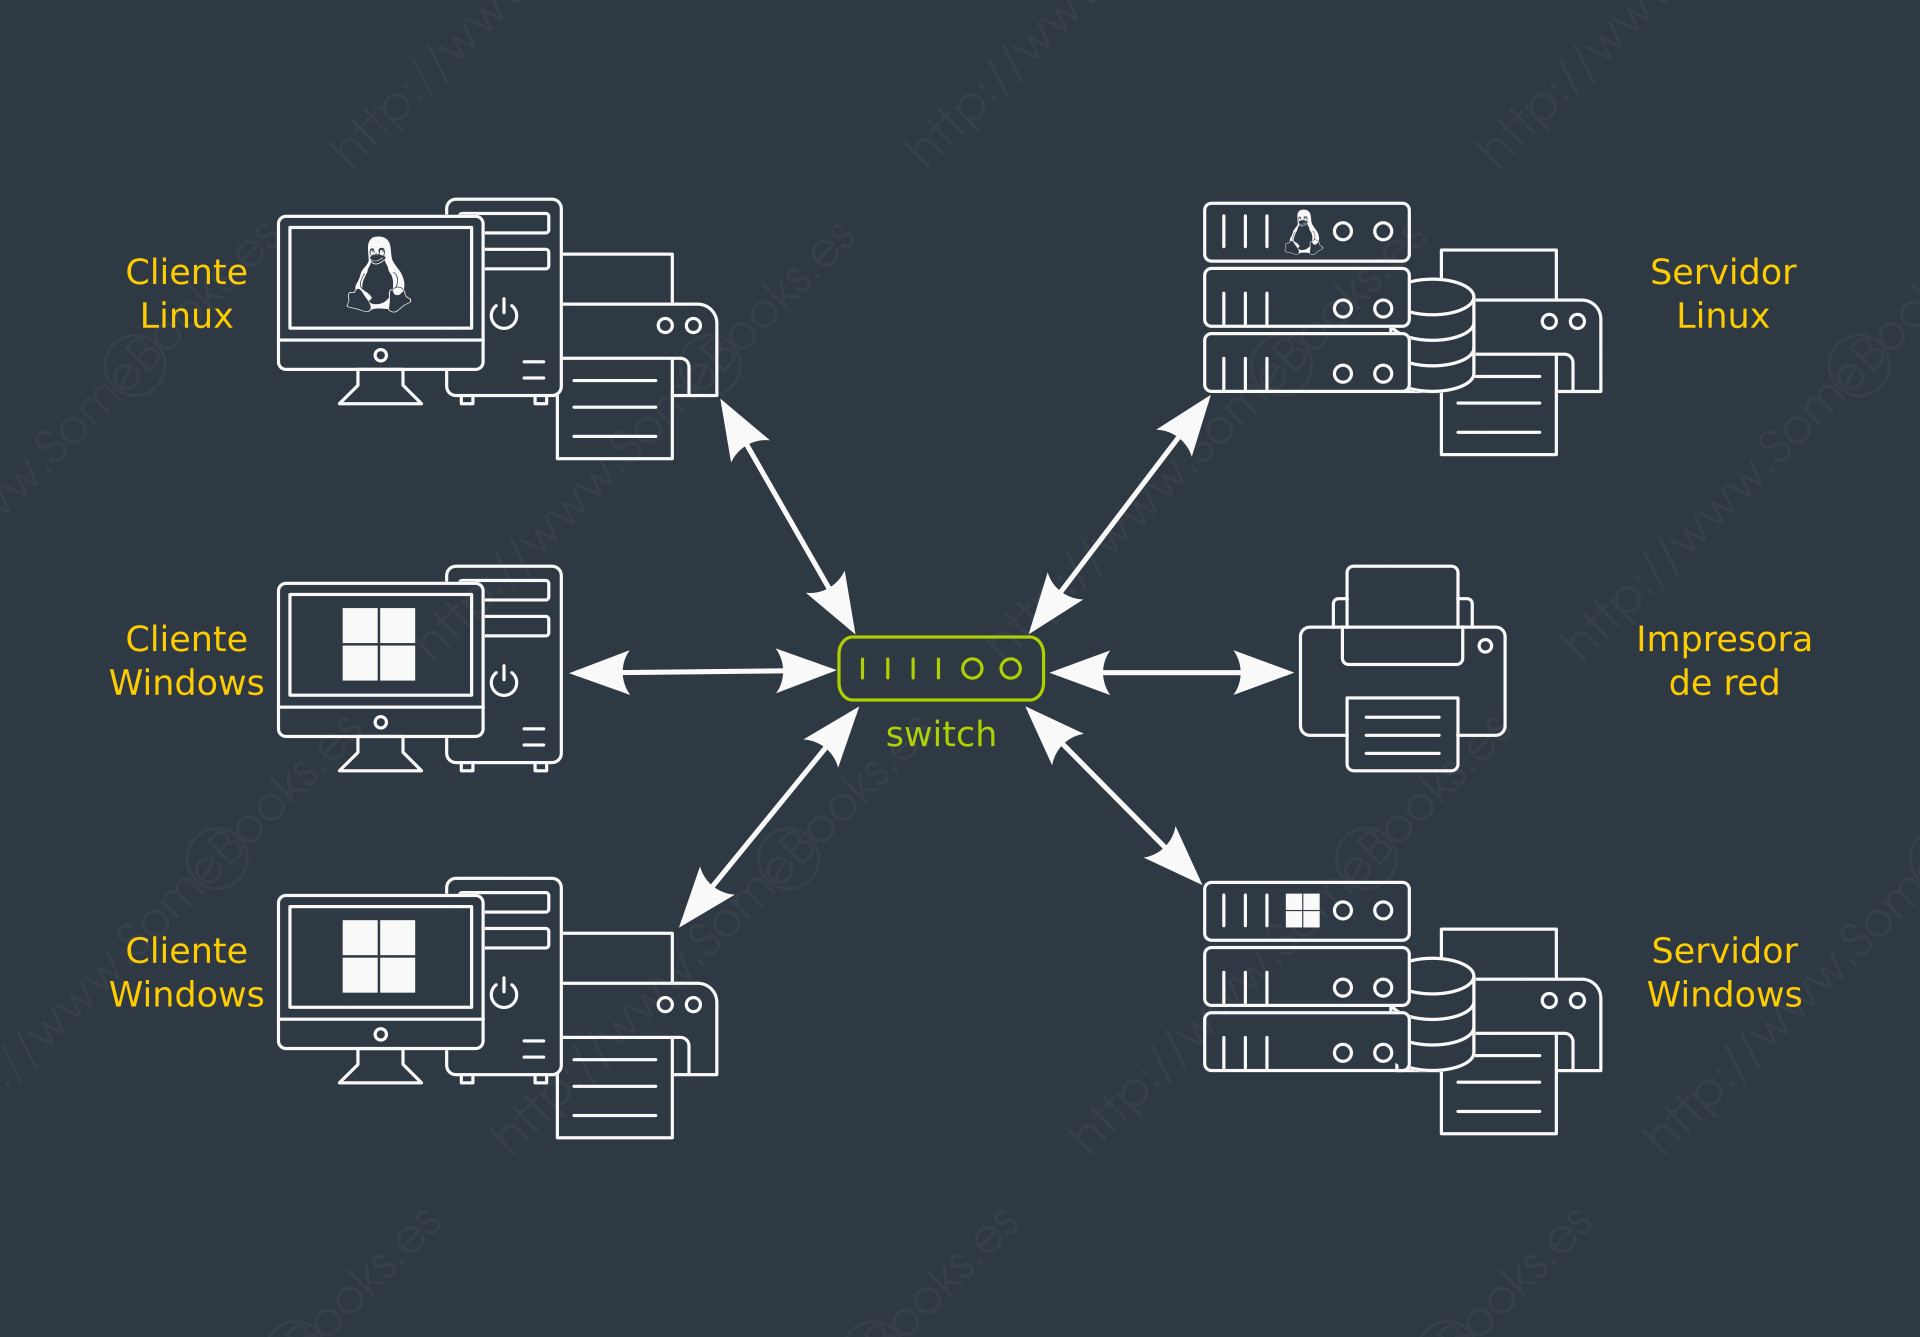 sistema de información distribuido